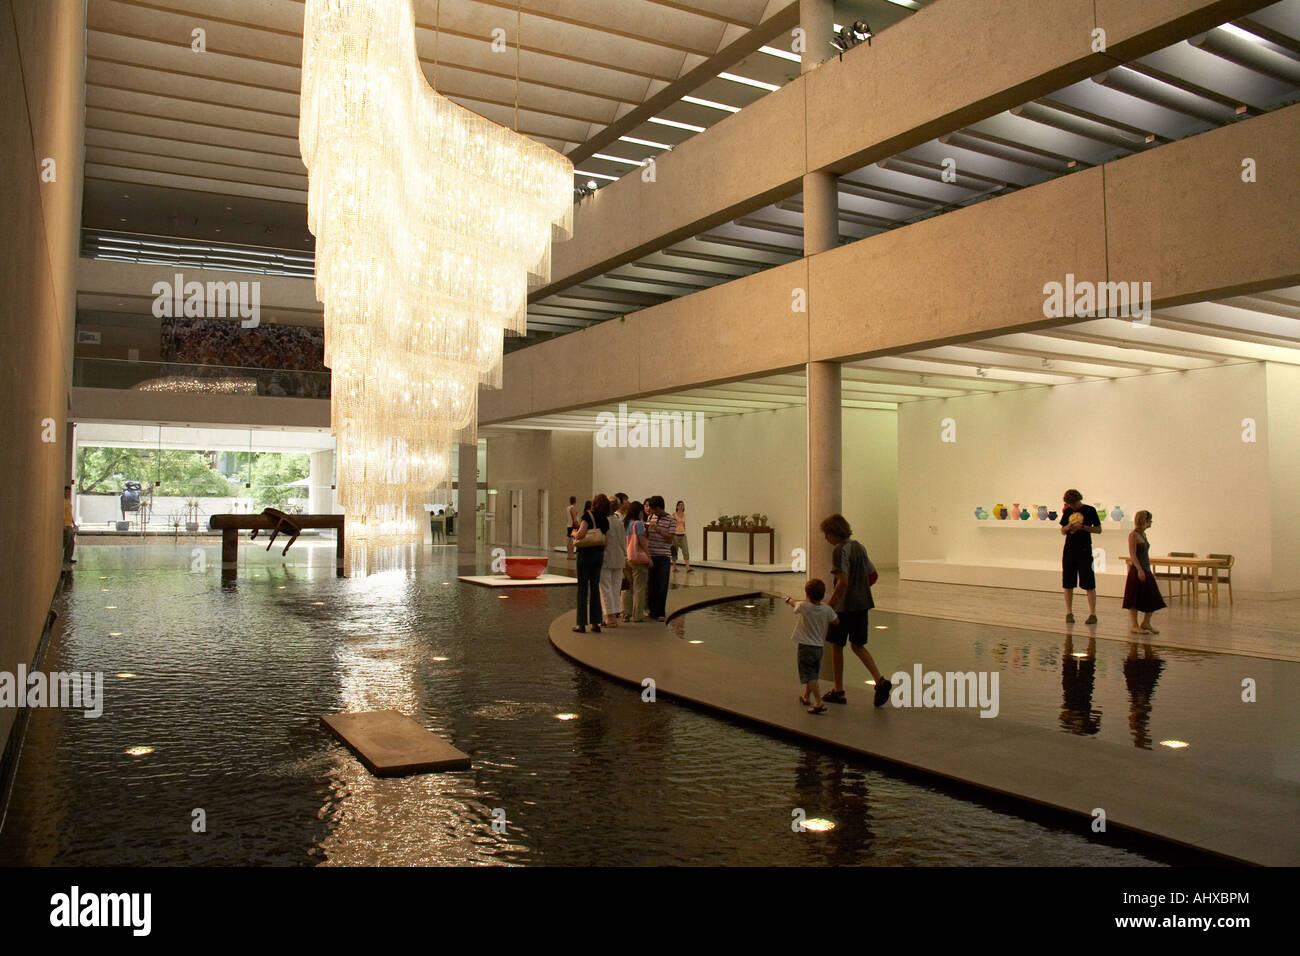 Kronleuchter Für Galerie ~ Atrium mit pool menschen und riesen kronleuchter im inneren des